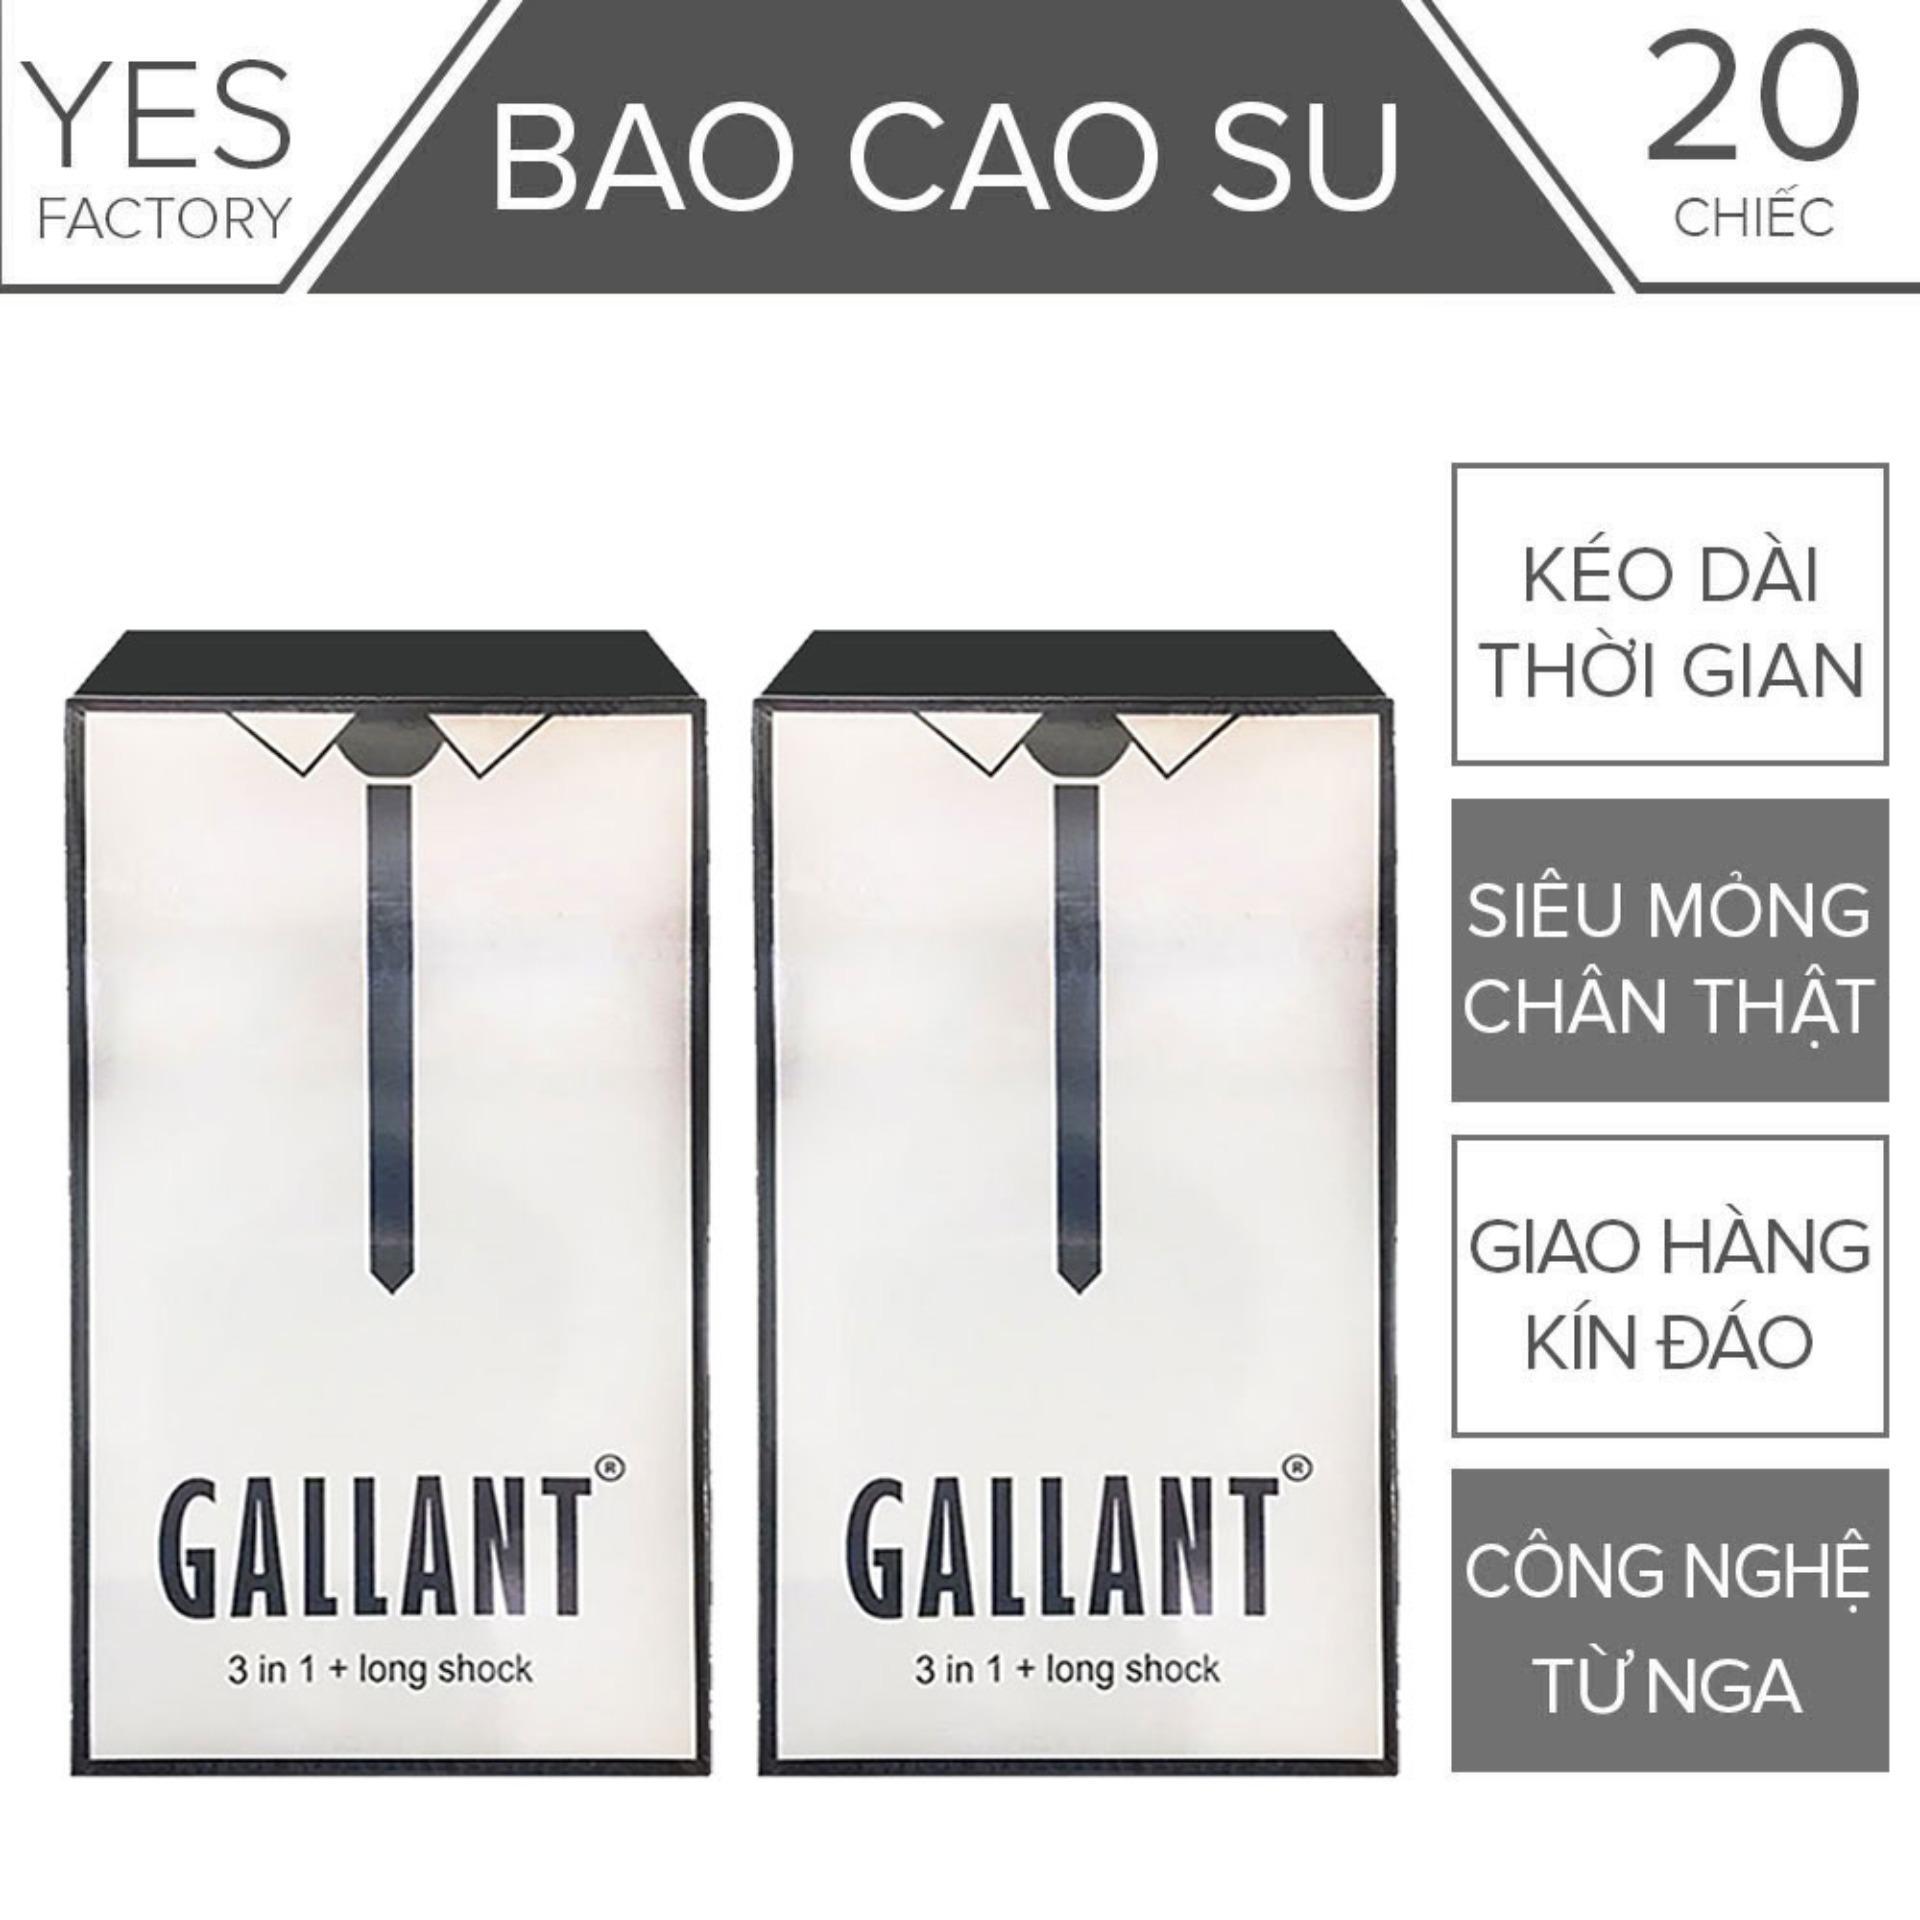 Bộ 2 (20 chiếc) Bao Cao Su Nga Gallant Kéo Dài Thời Gian Quan Hệ 4 trong 1- YesShop cao cấp